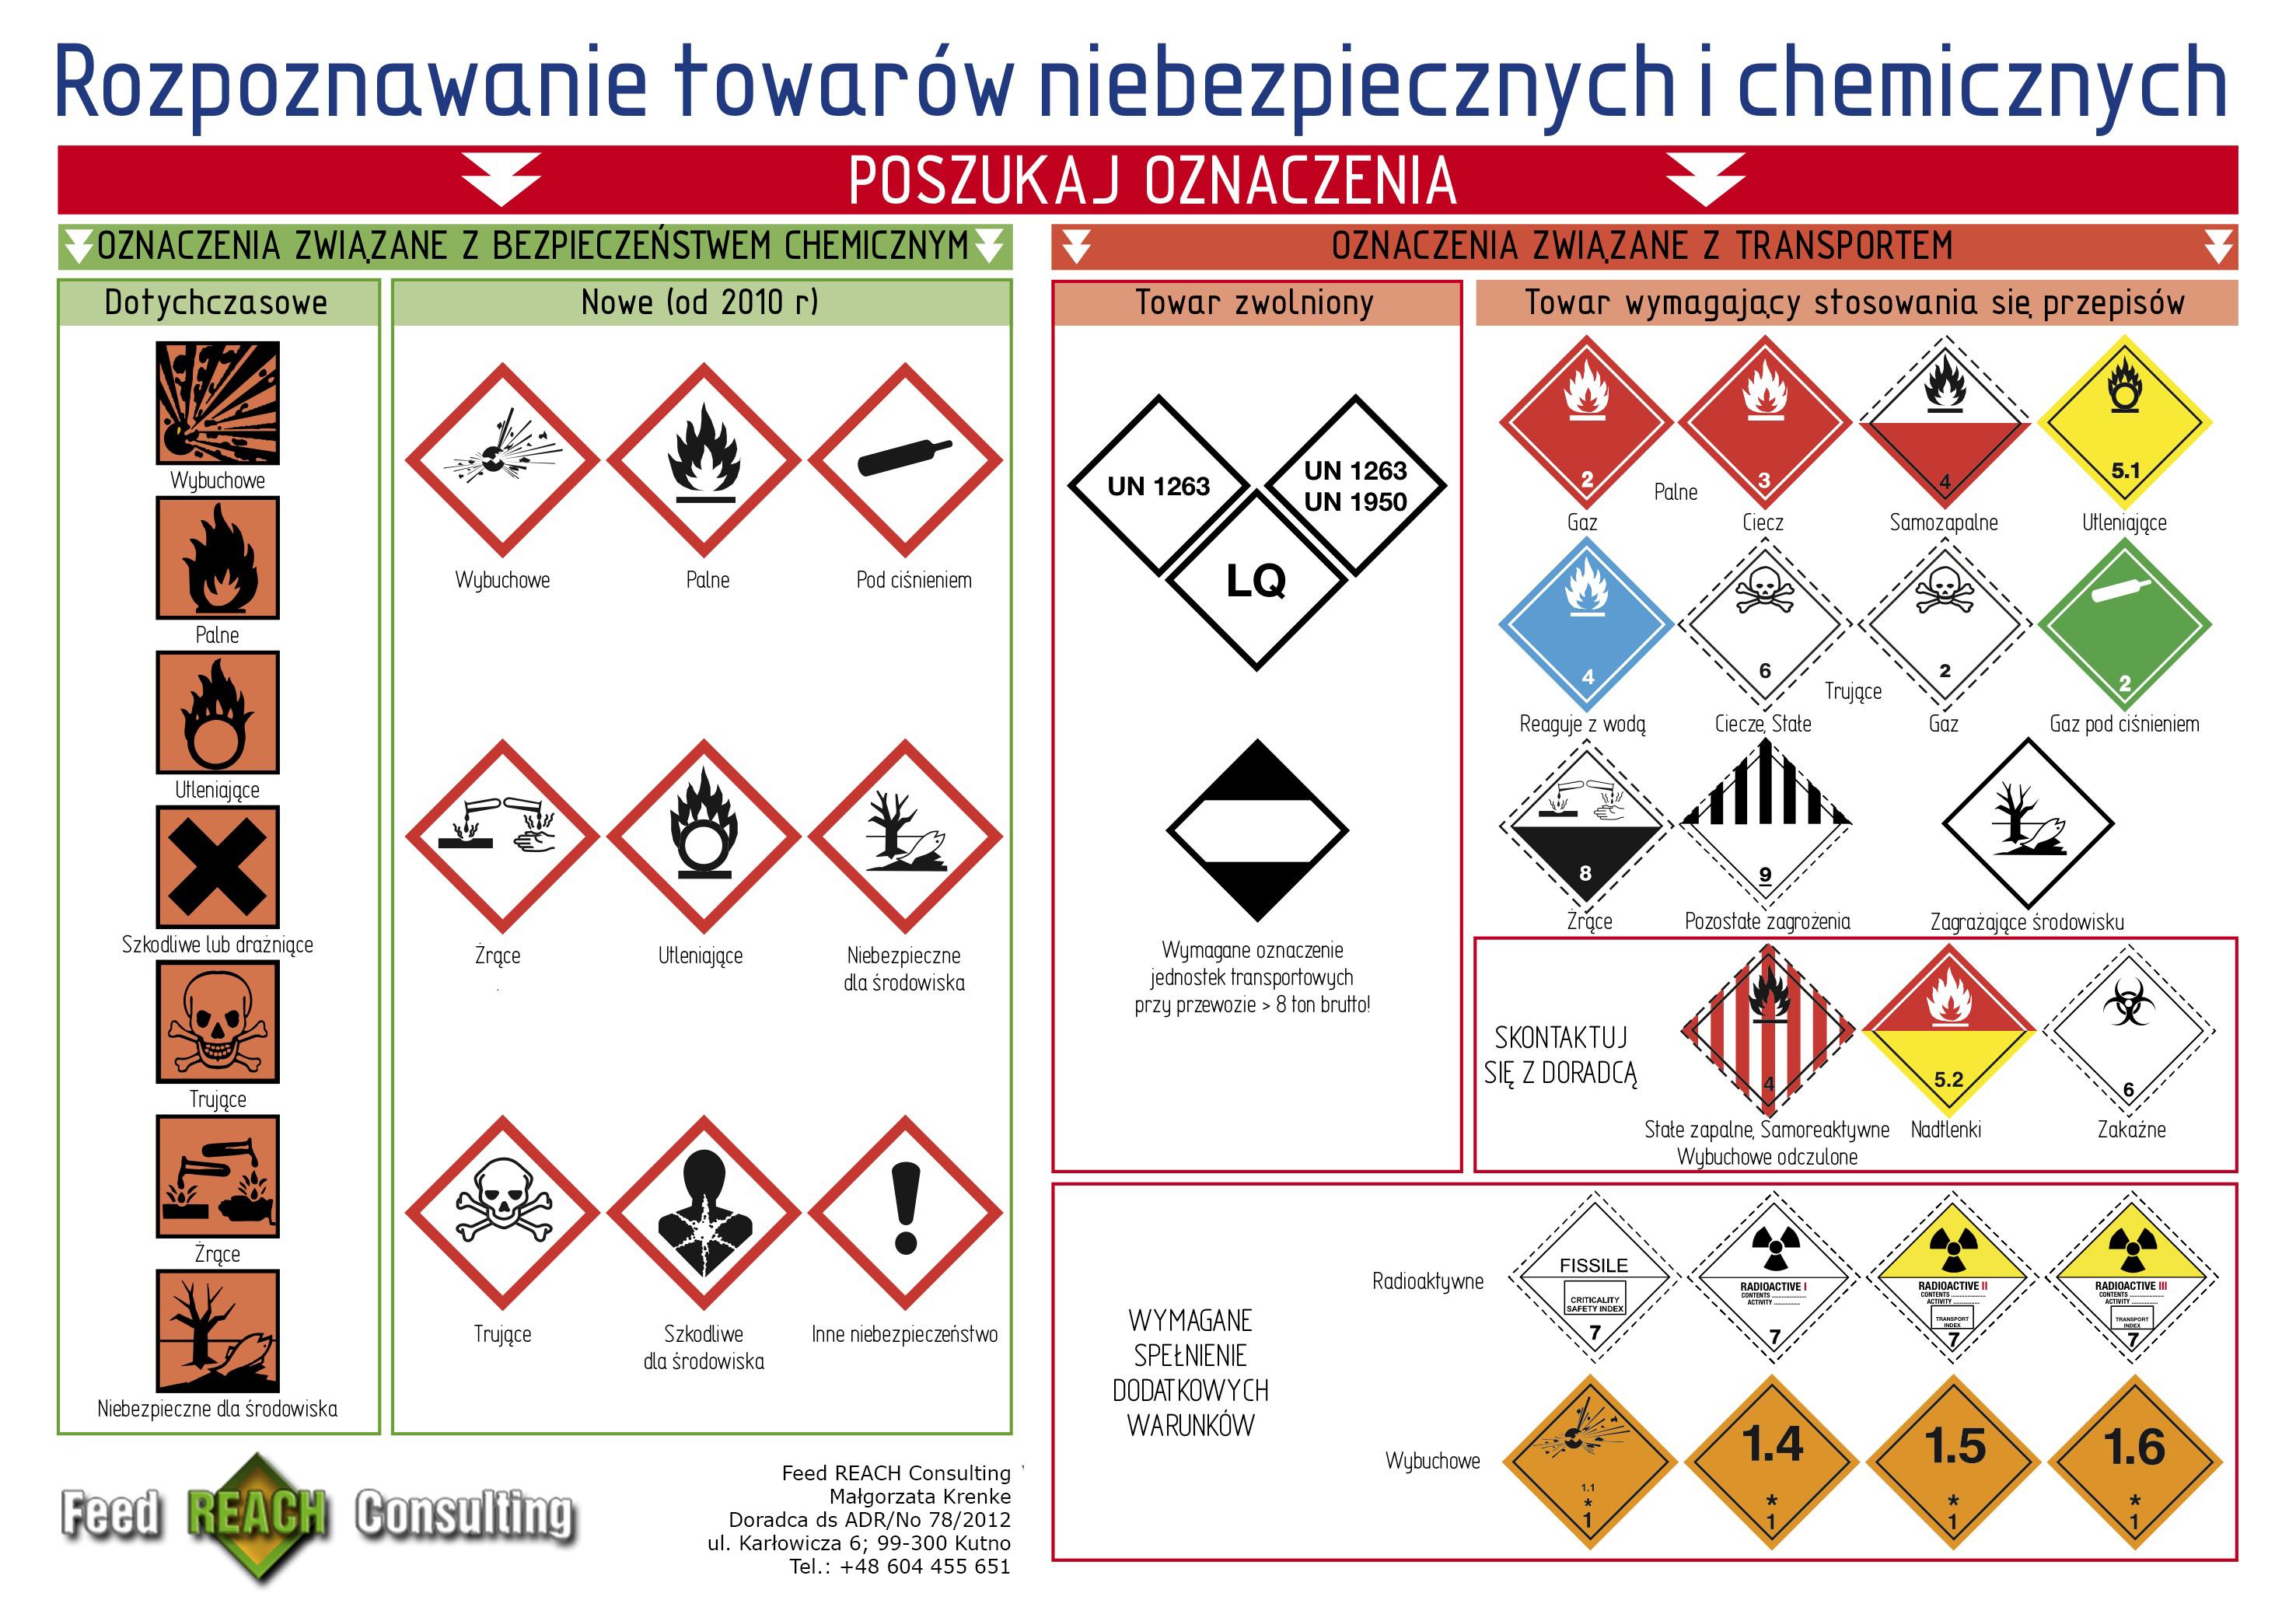 Rozpoznawanie towarów niebezpiecznych i chemicznych